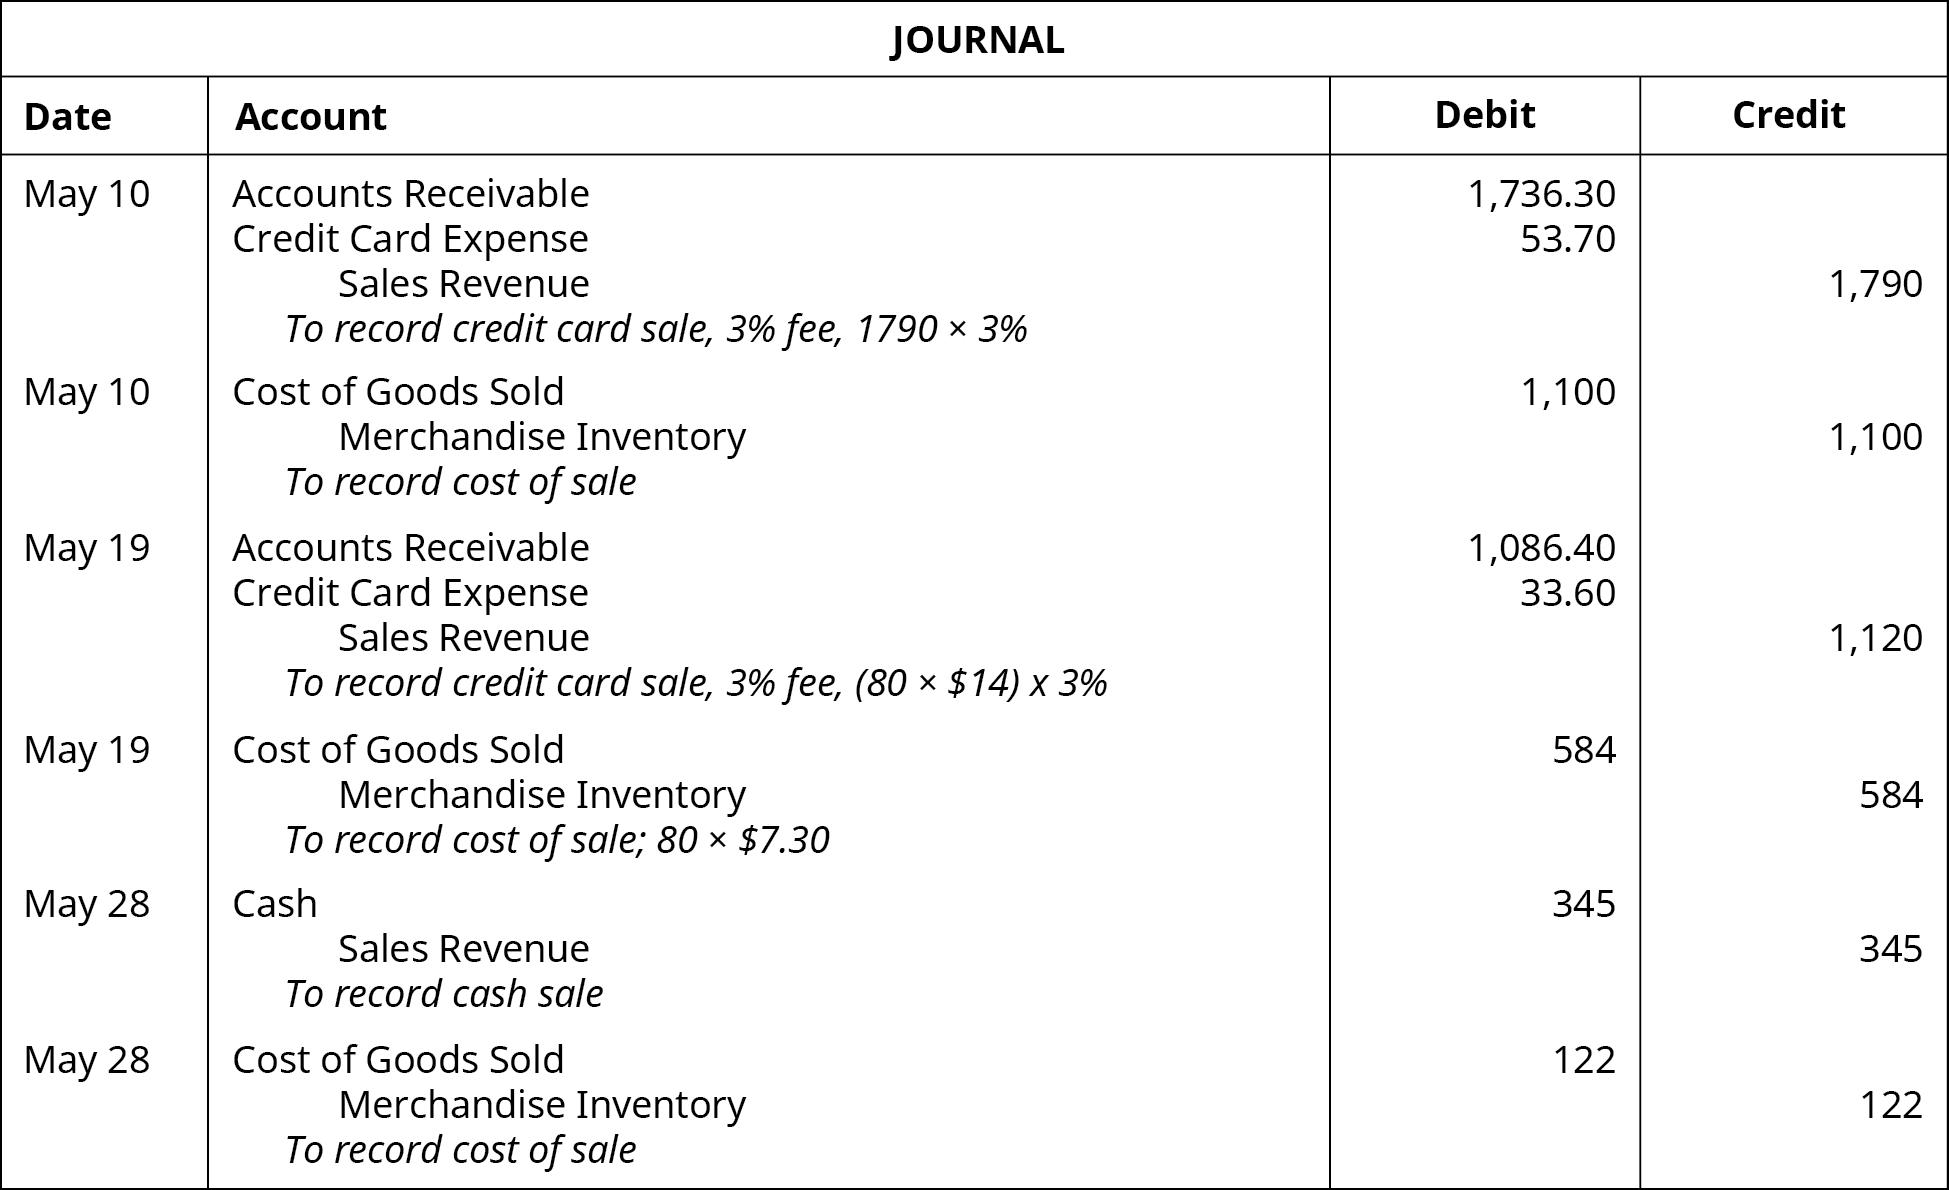 Journal entries: May 10: debit Accounts Receivable 1,736.30, debit Credit Card Expense 53.70, credit Sales Revenue 1790.